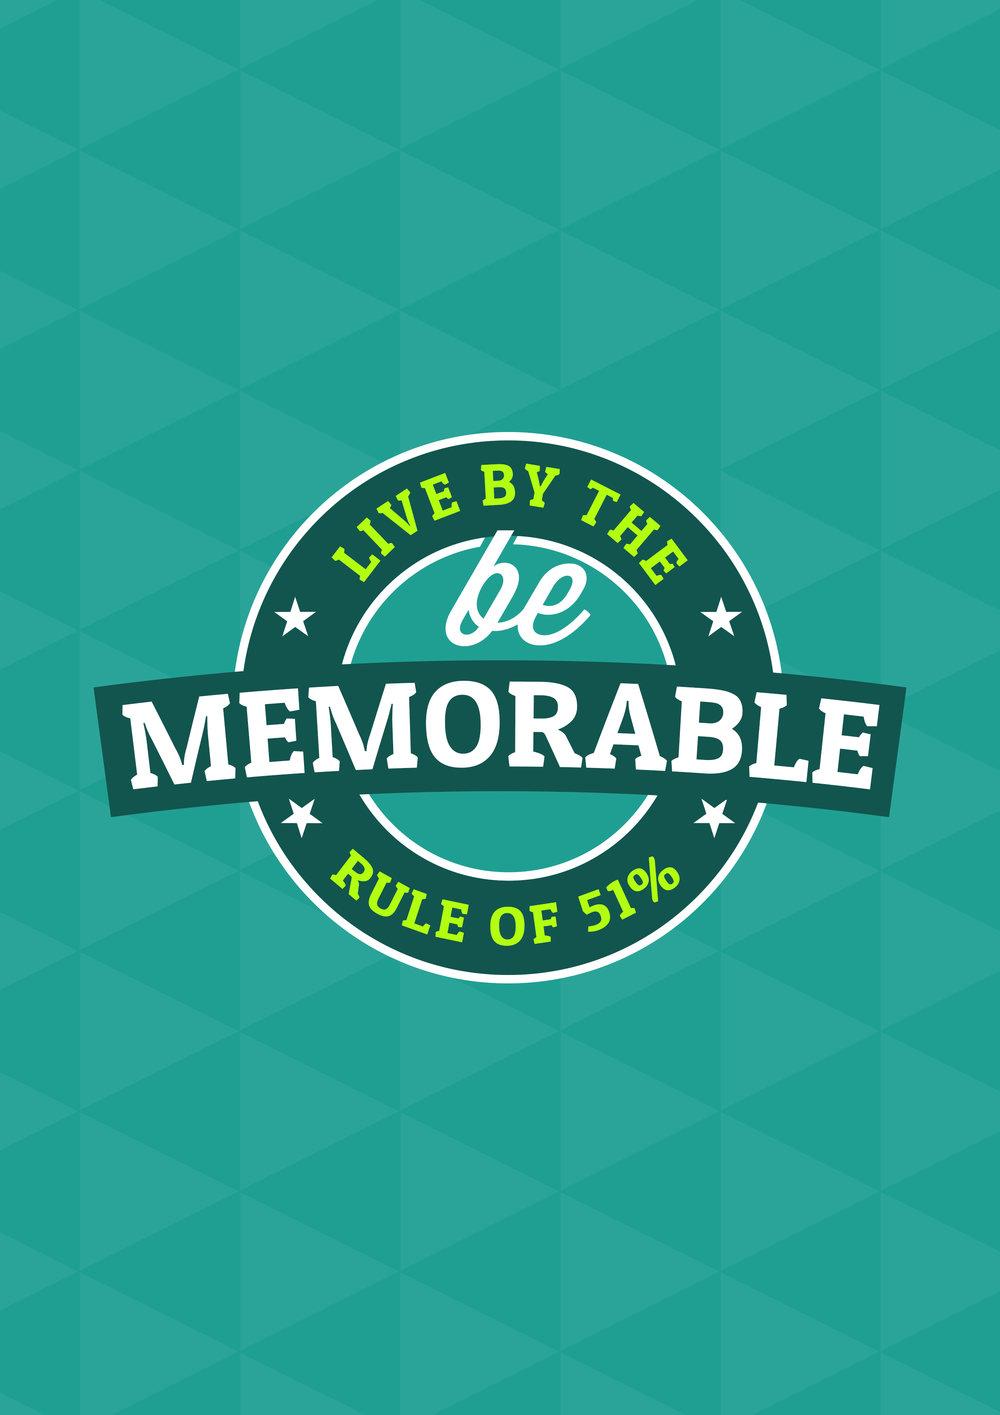 Be Memorable2.jpg